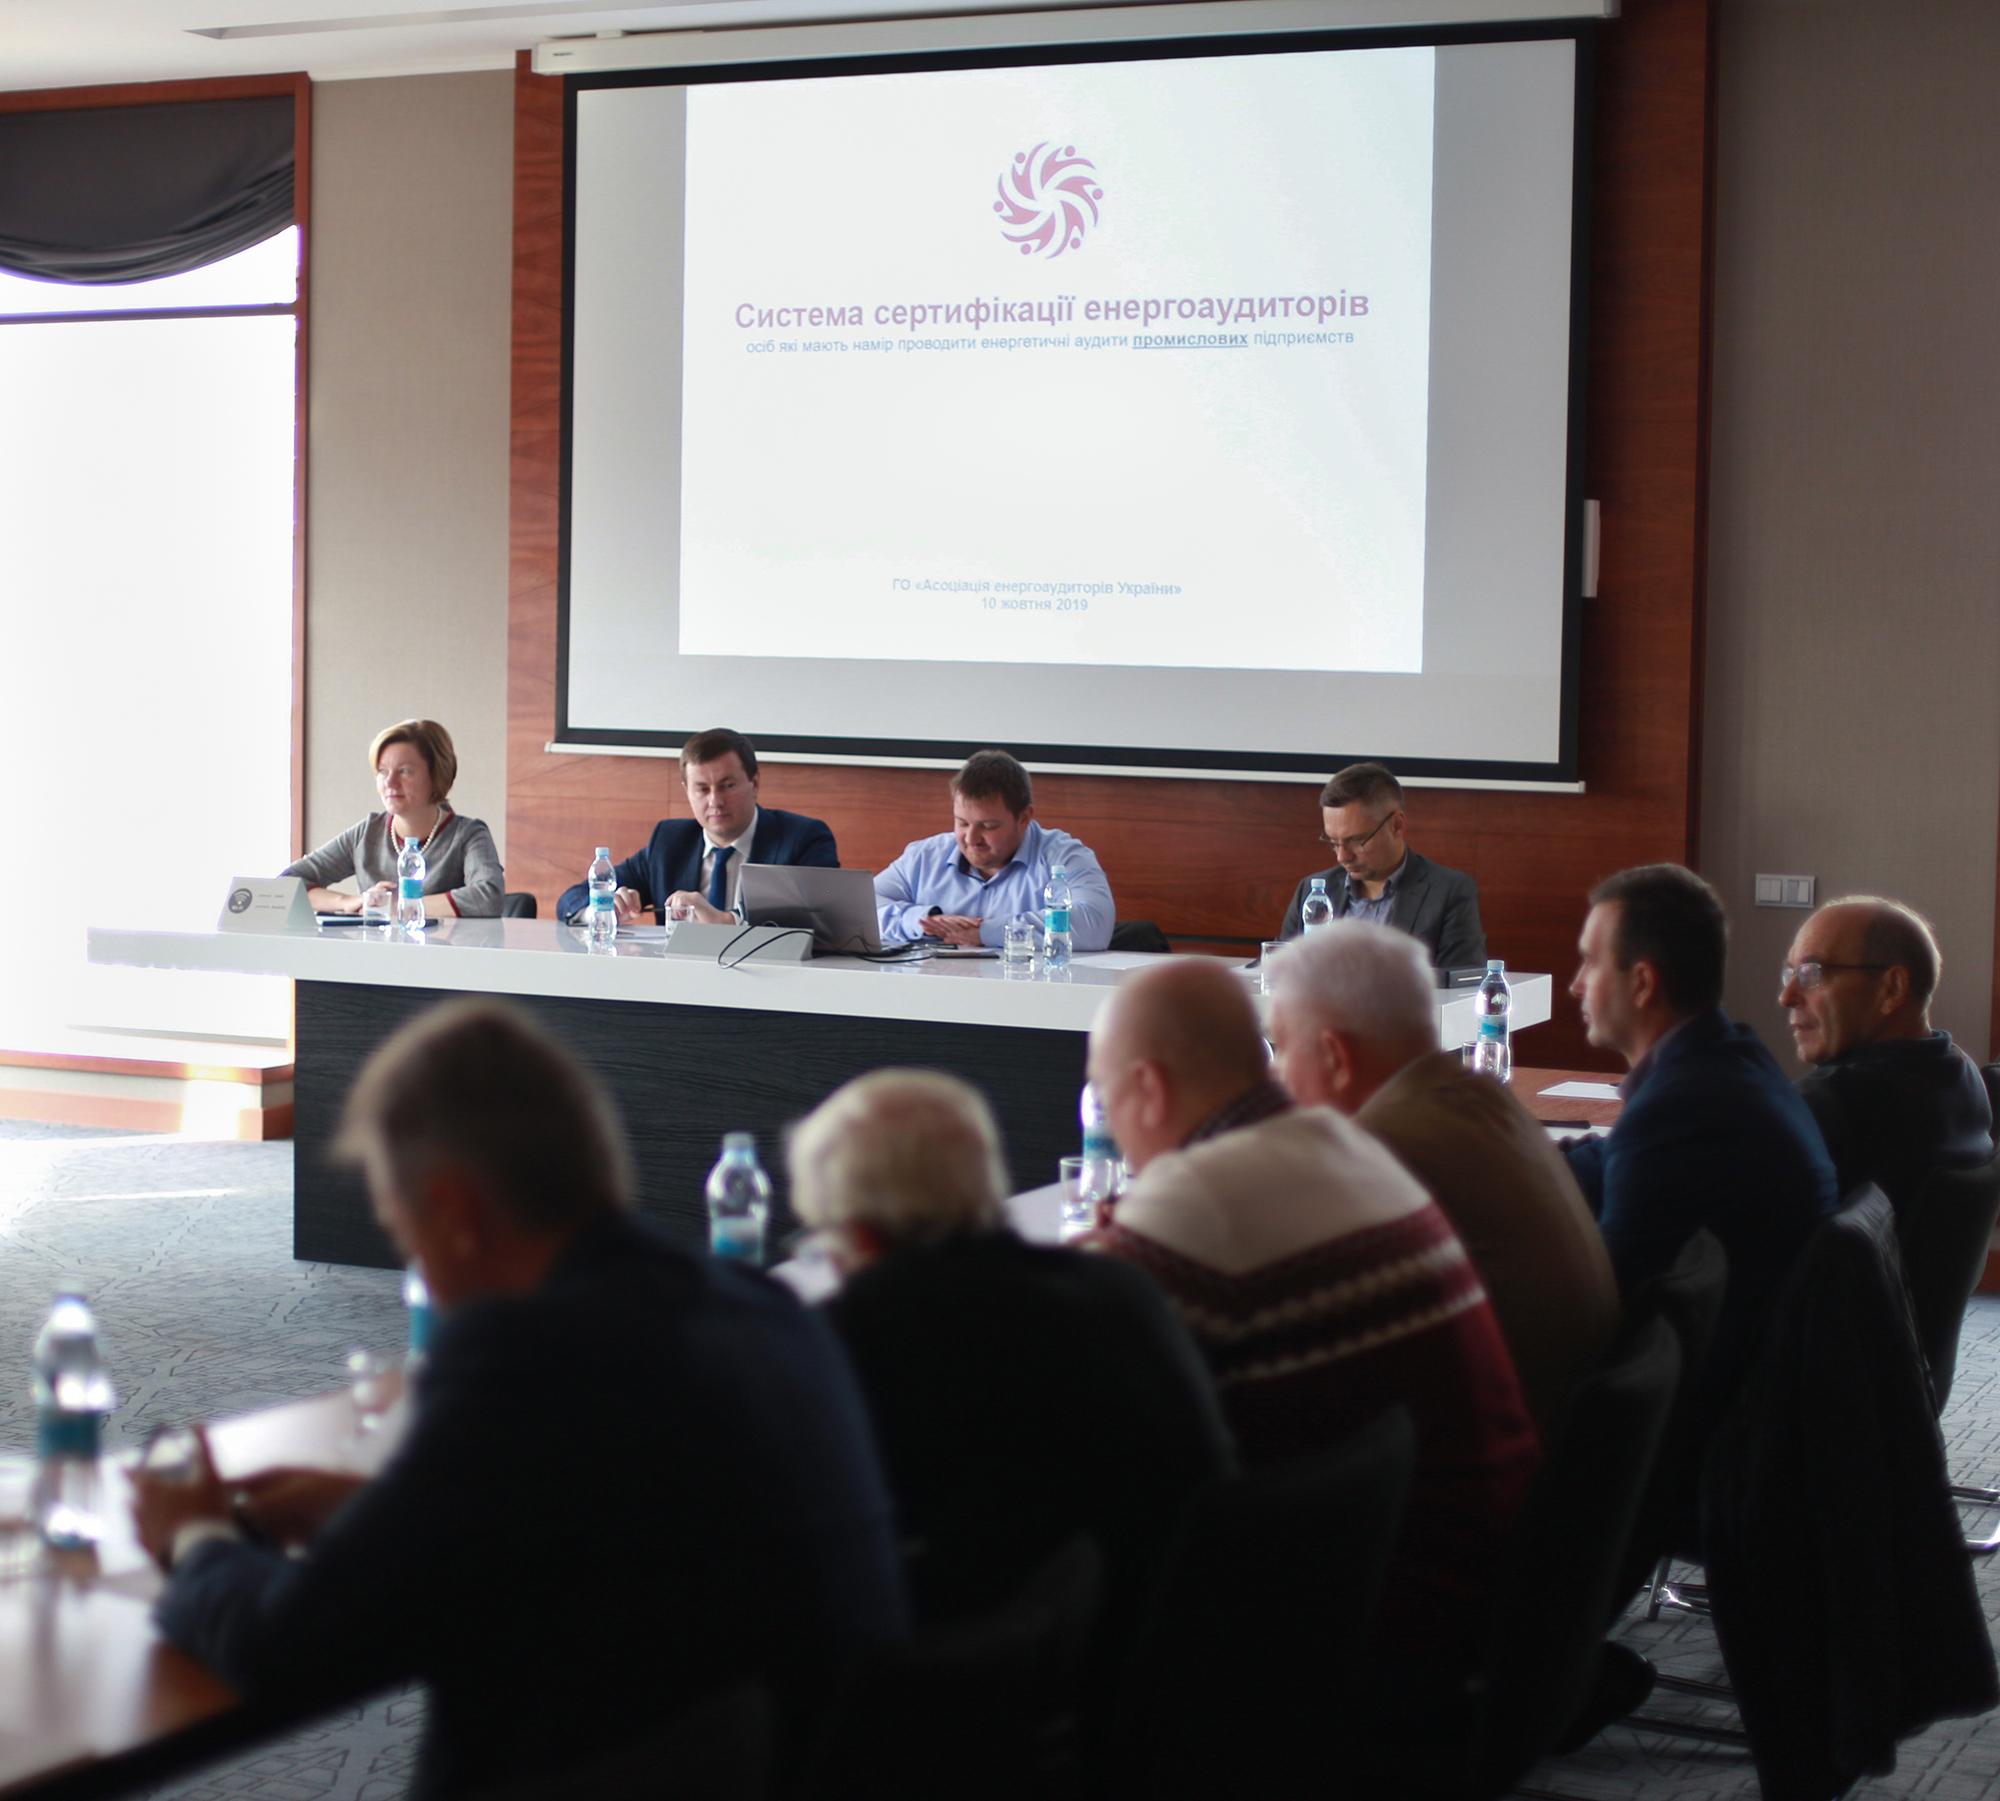 Асоціація енергоаудиторів презентували систему сертифікації для енергоаудиту підприємств